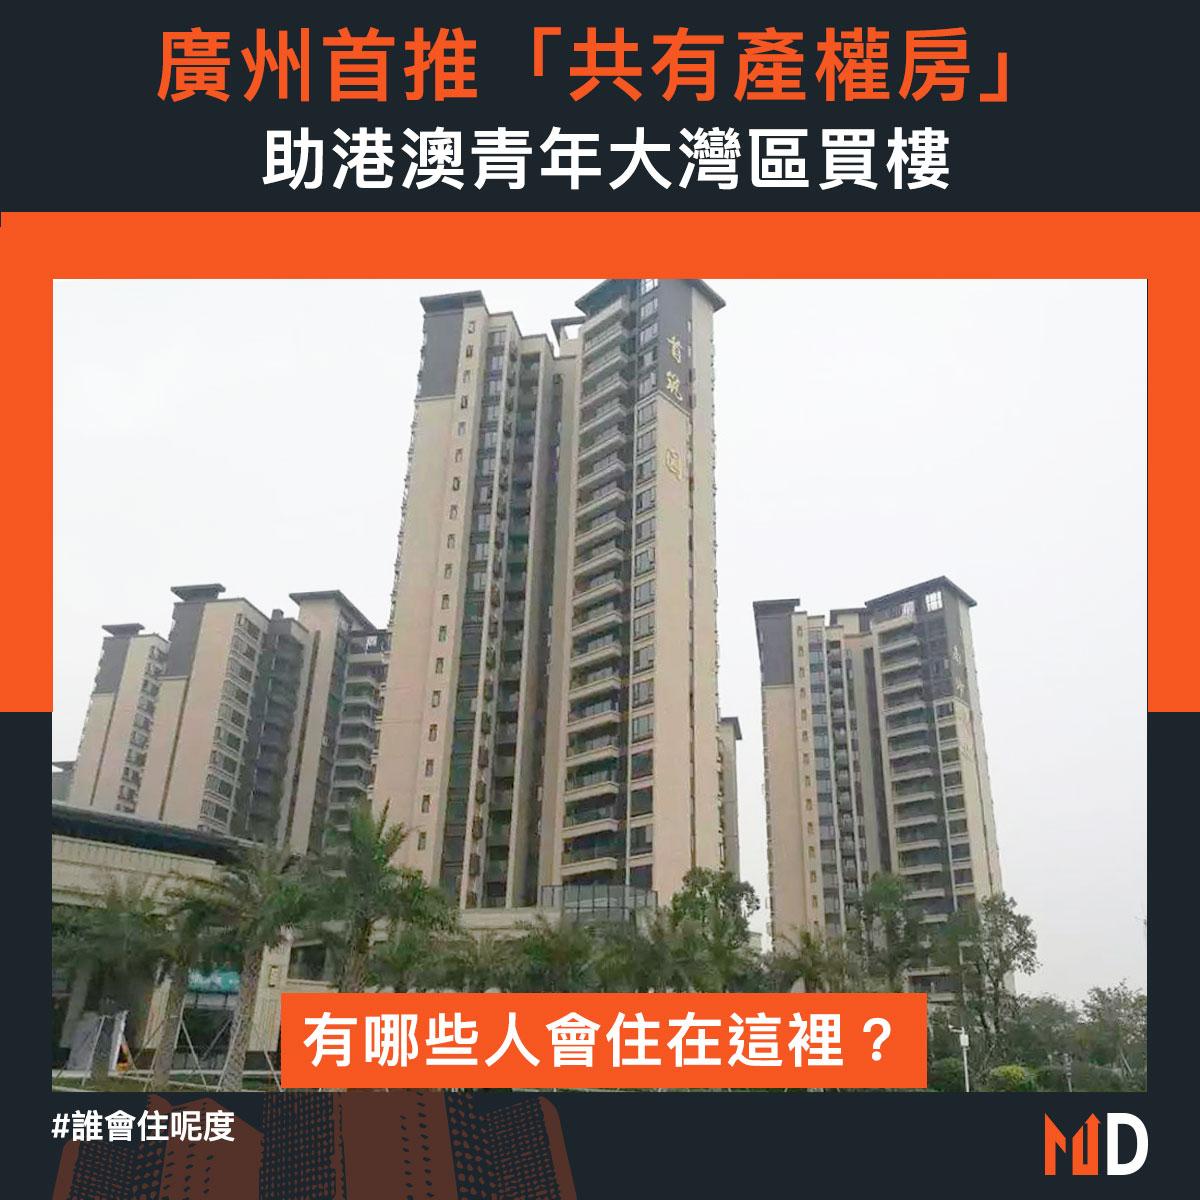 【誰會住呢度】廣州首推「共有產權房」 助港澳青年大灣區買樓